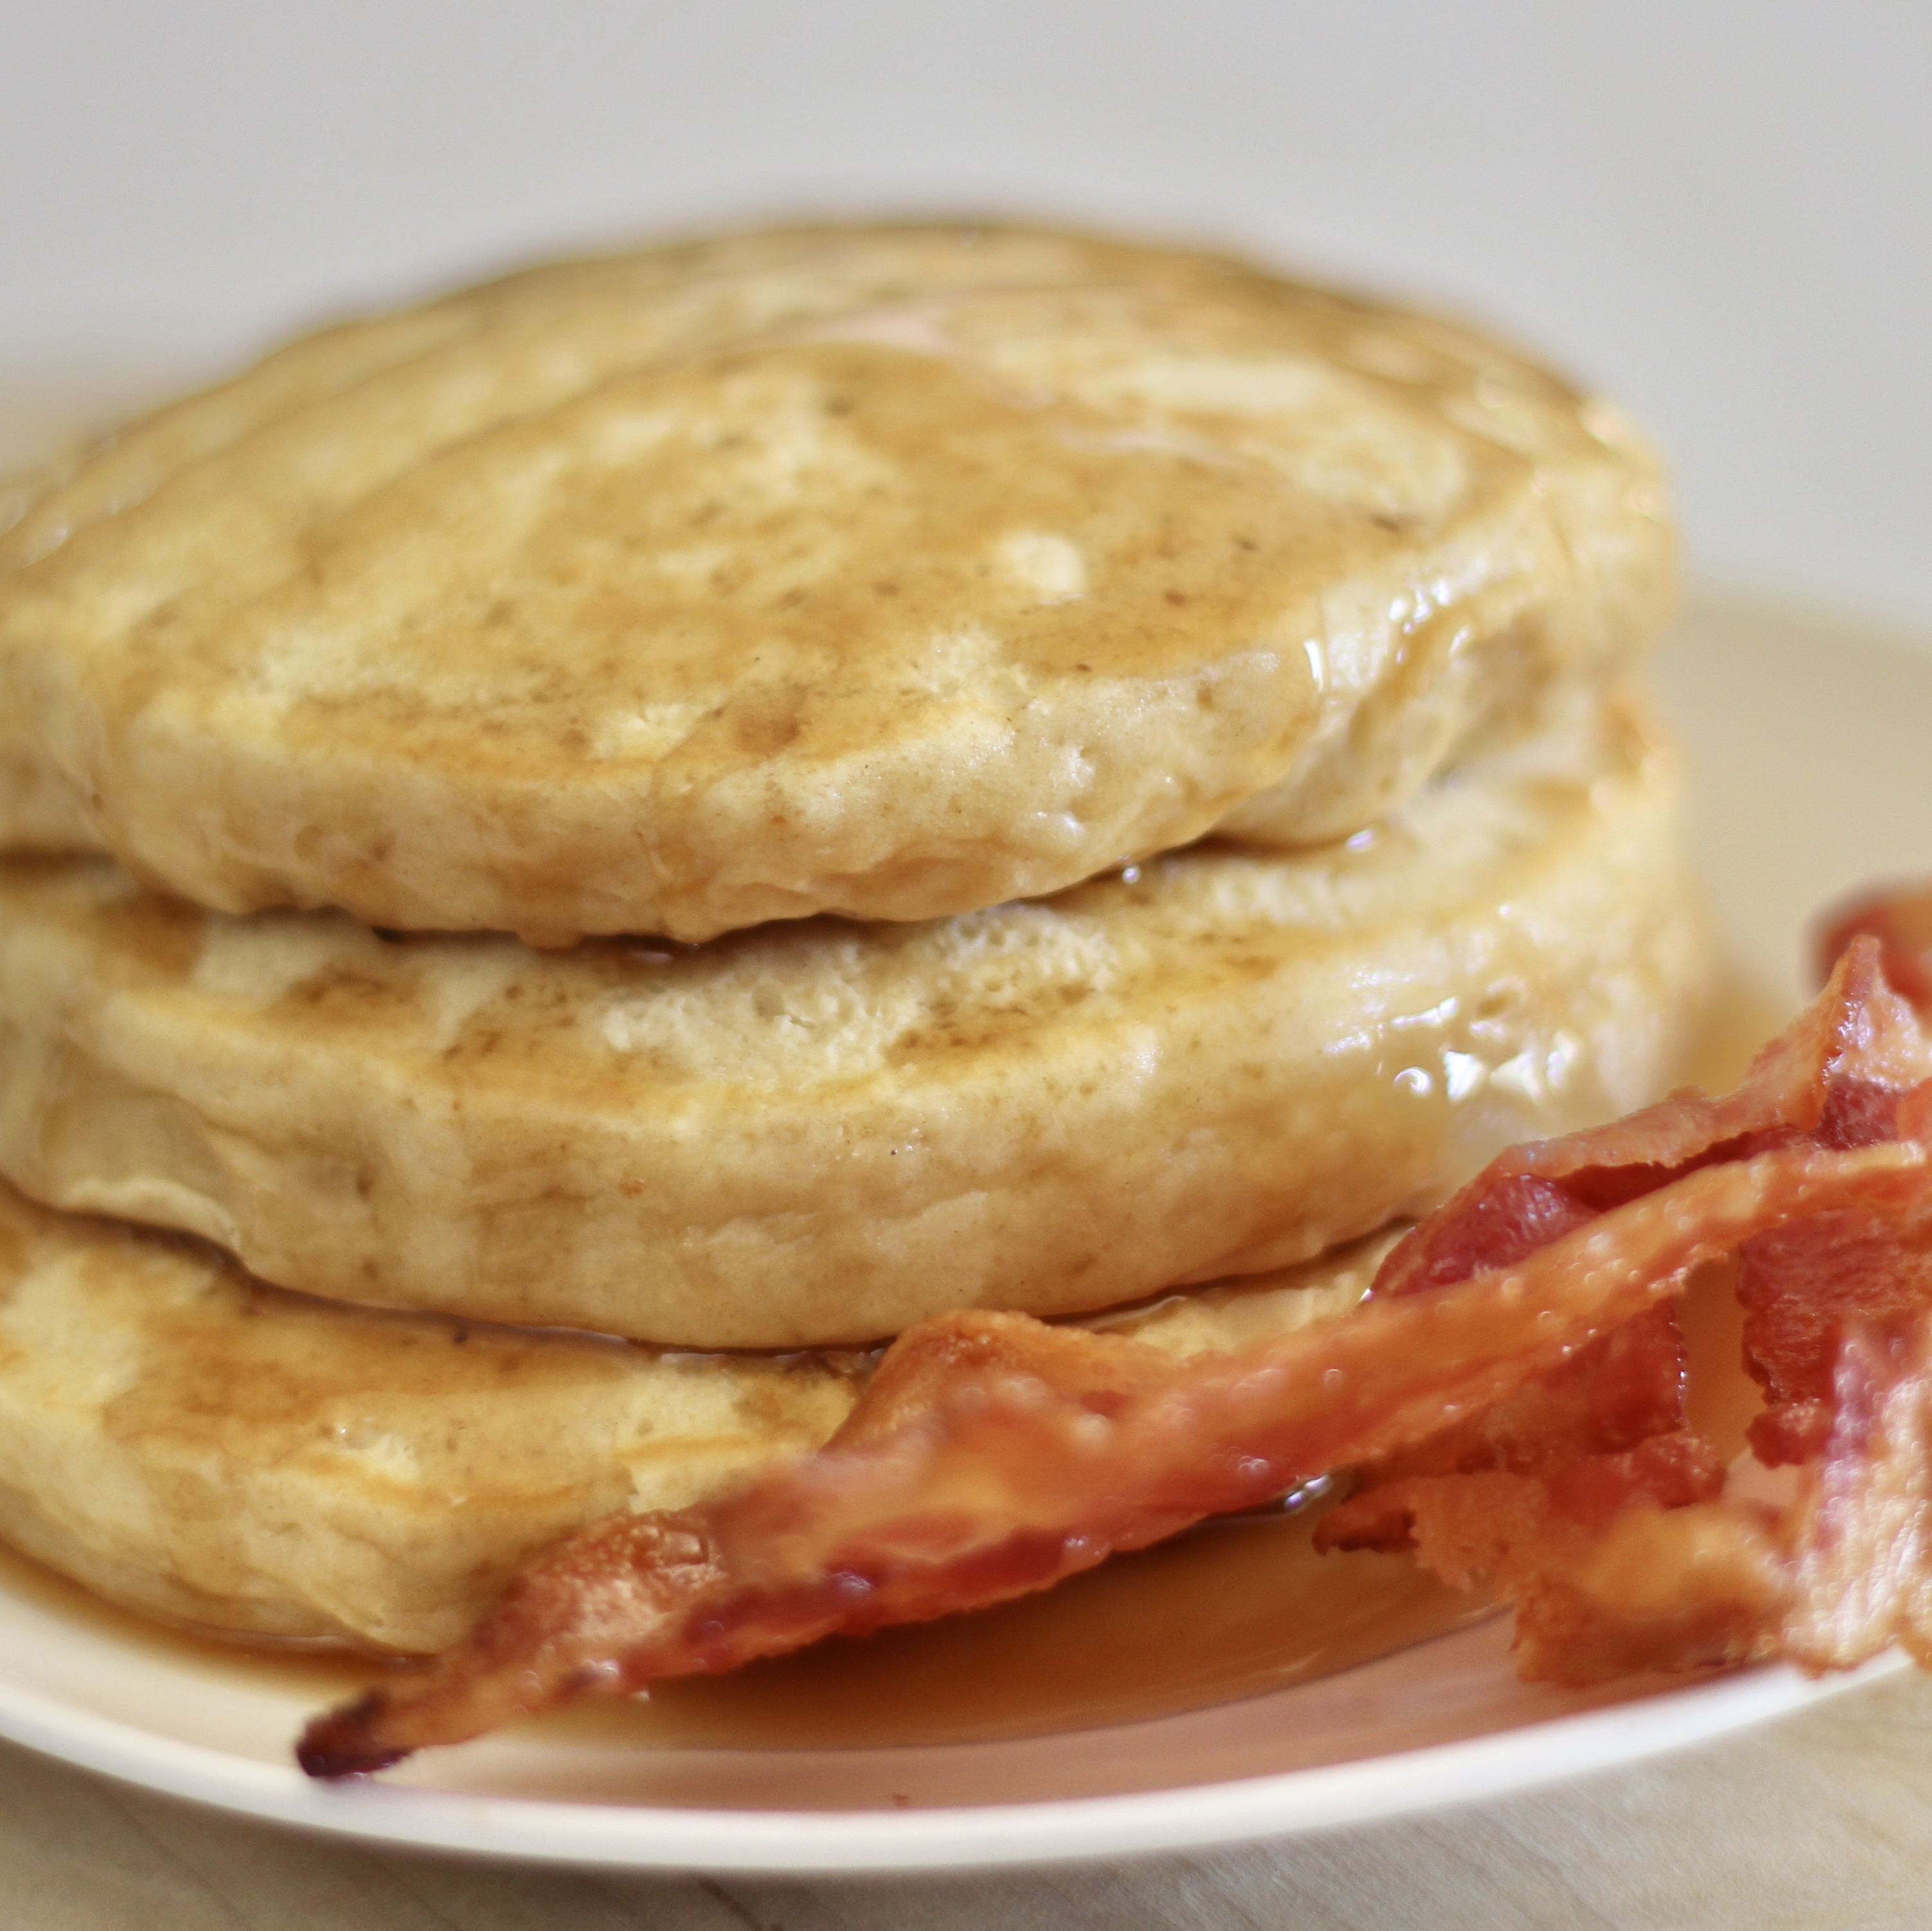 Japanese-Style Fluffy Pancakes